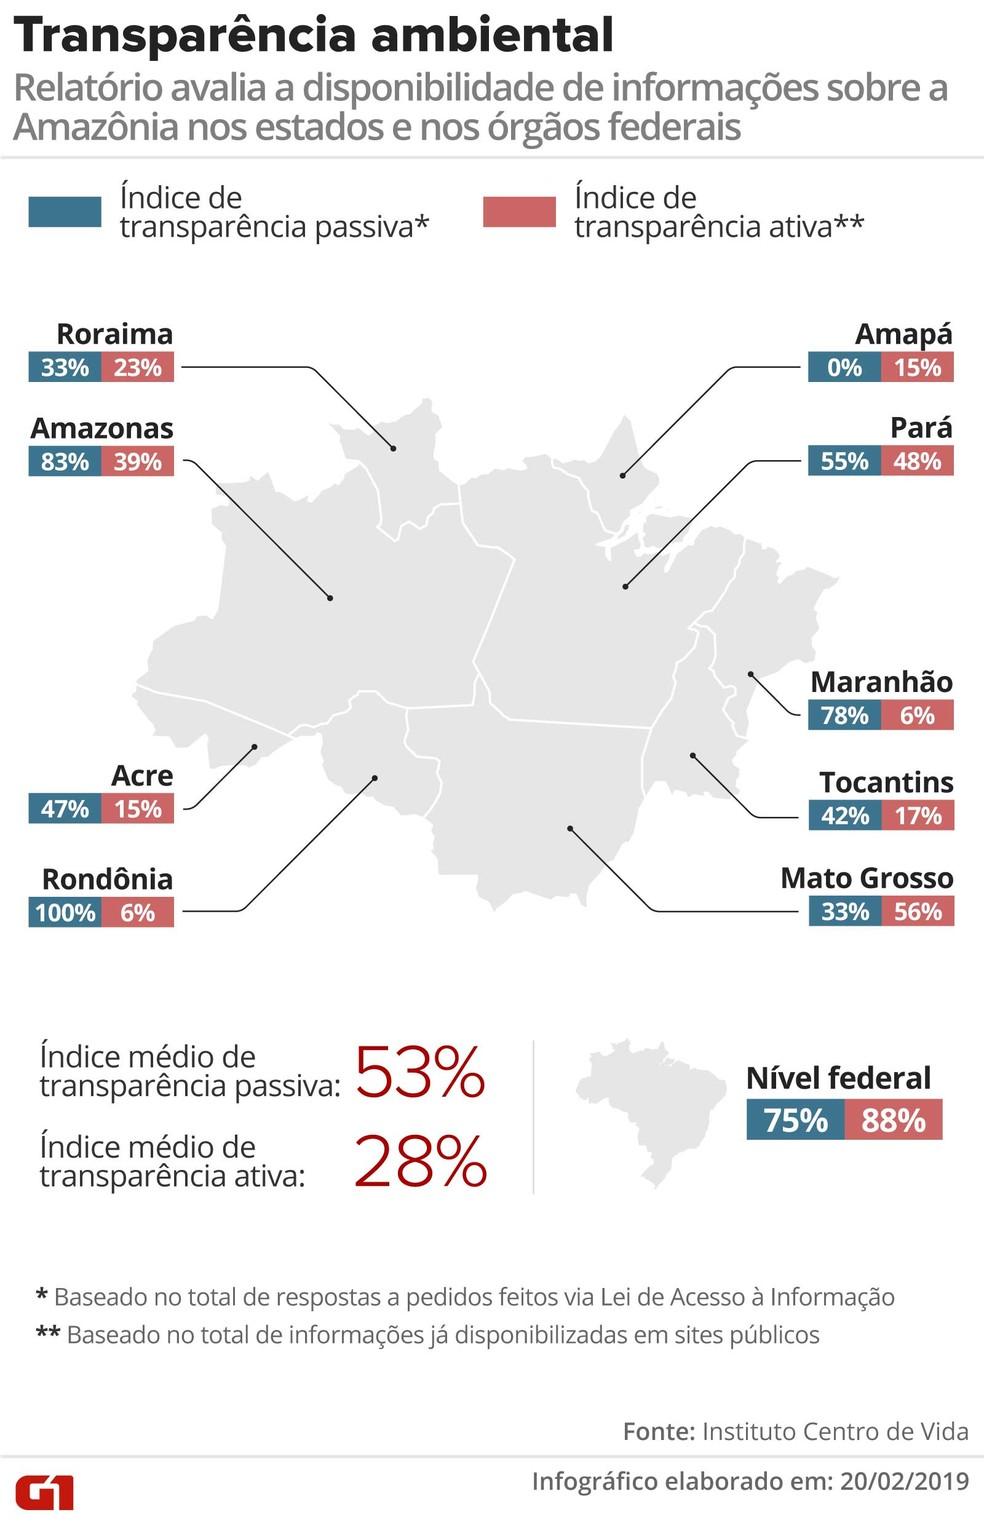 Relatório mostra transparência em relação a dados ambientais nos estados — Foto: Rodrigo Sanches/G1